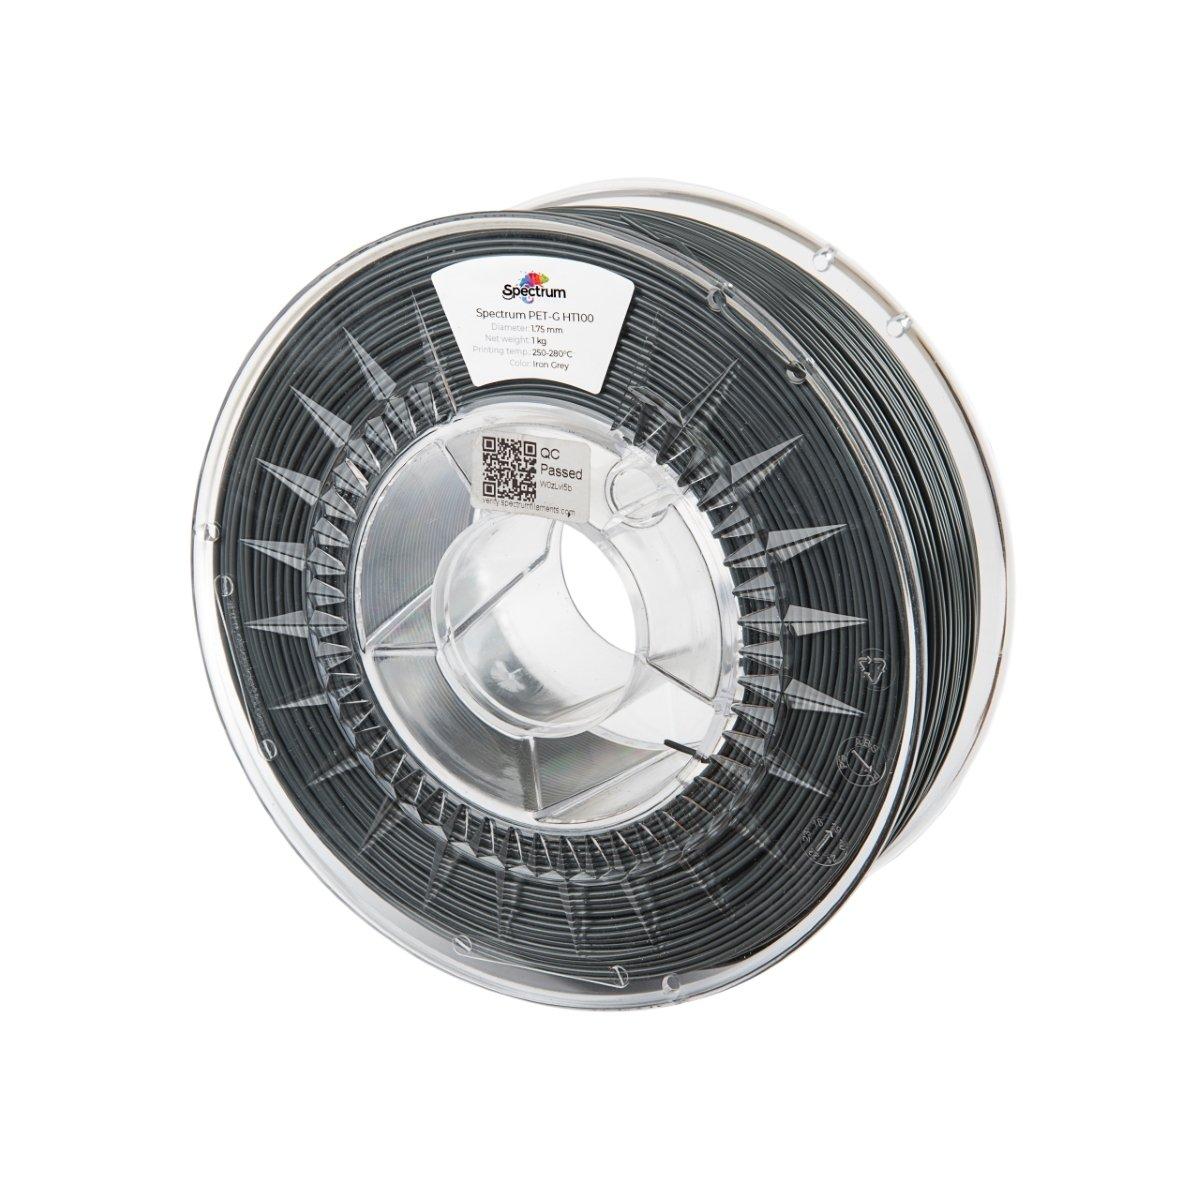 Billede af Spectrum Filaments - PETG HT100 - 1.75mm - Iron Grey - 1 kg